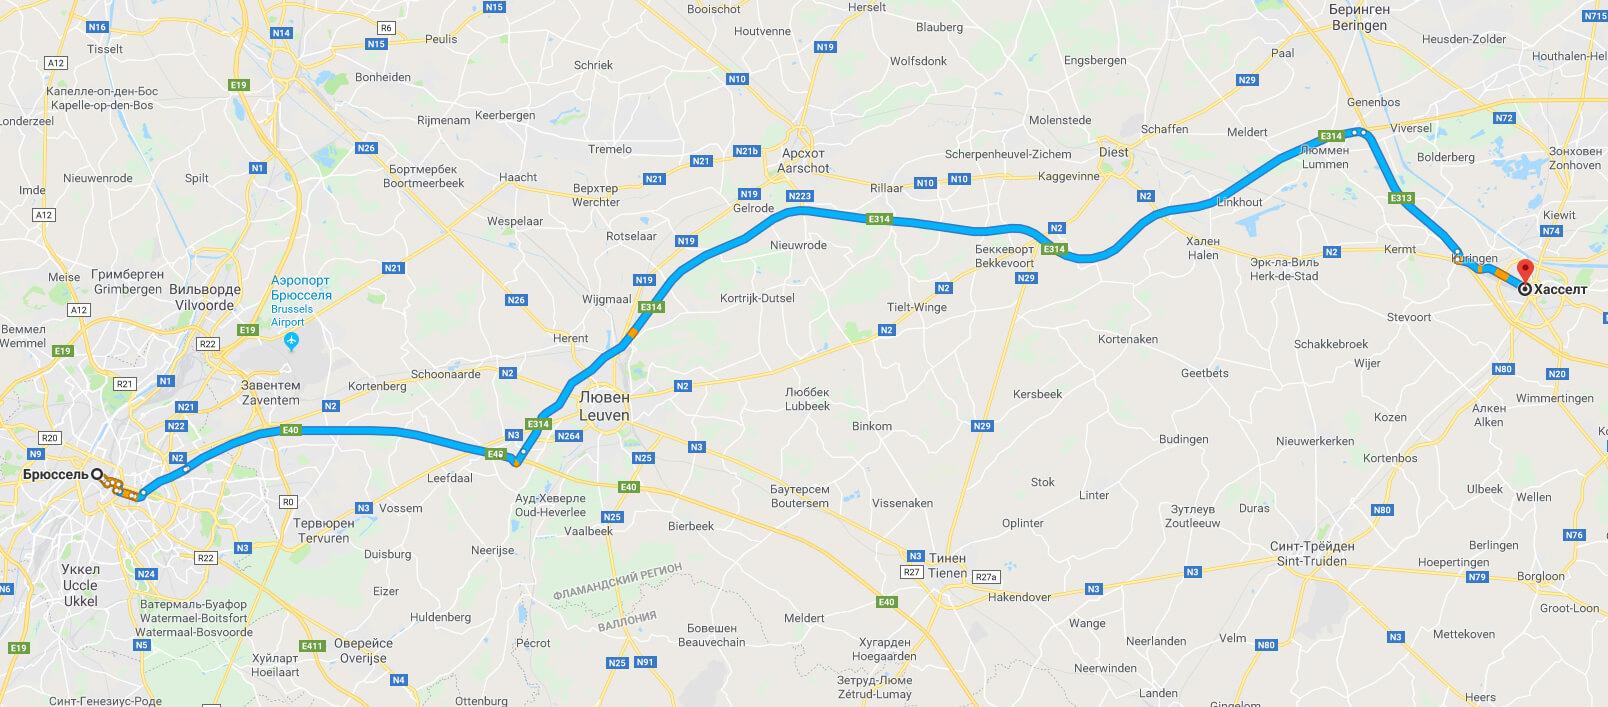 Дорога на автомобиле из Брюсселя в Хасселт